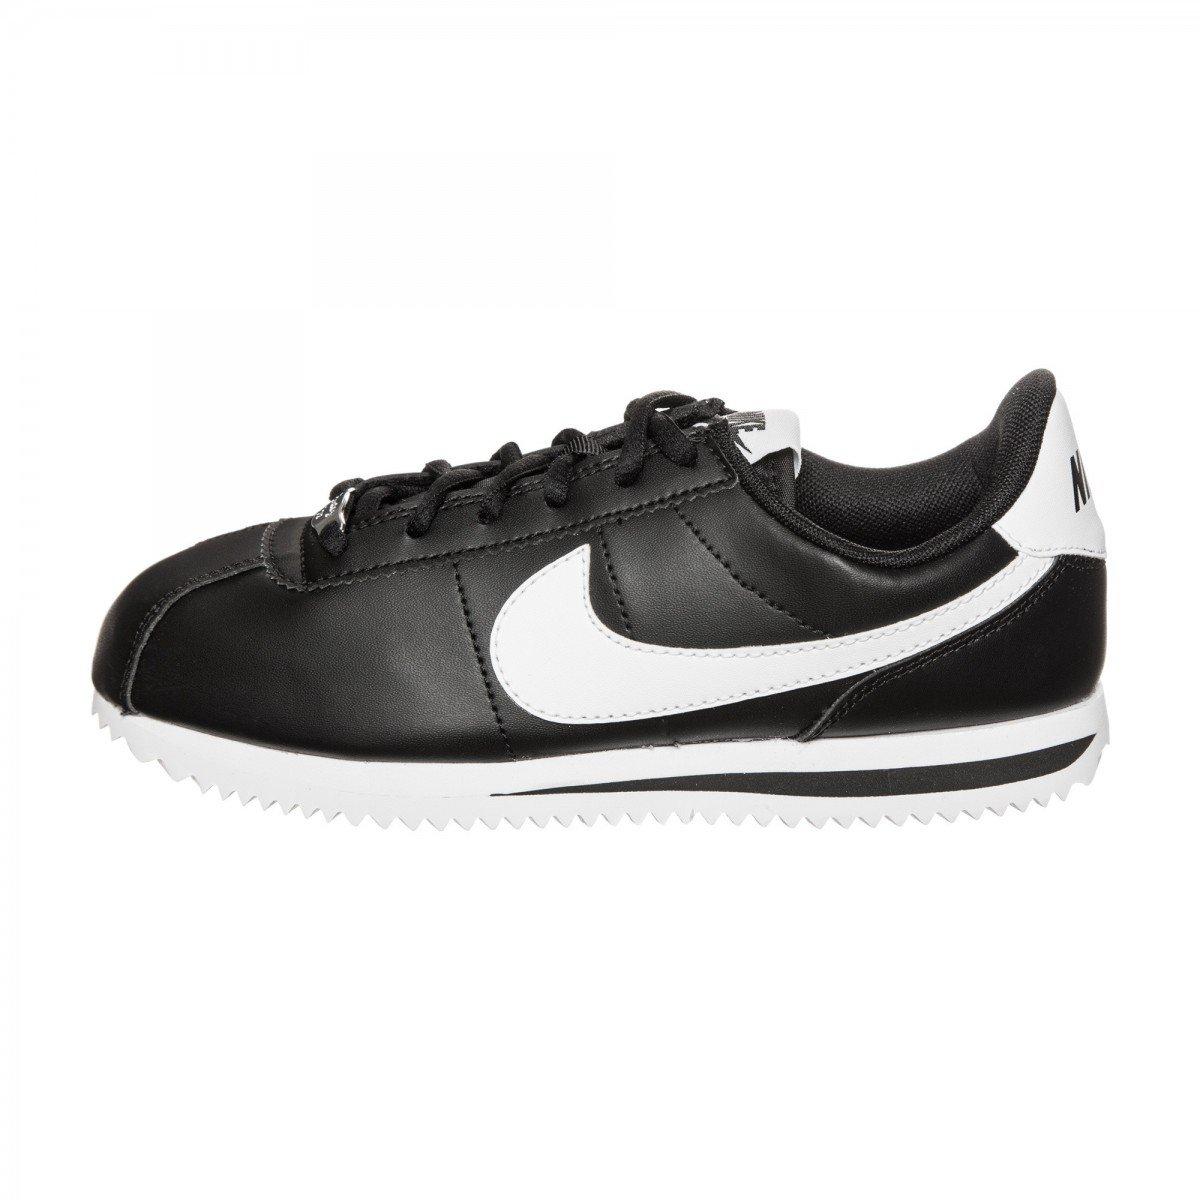 info for f5c2e 0e771 Nike Cortez Basic SL (GS), Chaussures de Running Compétition Garçon   Amazon.fr  Chaussures et Sacs